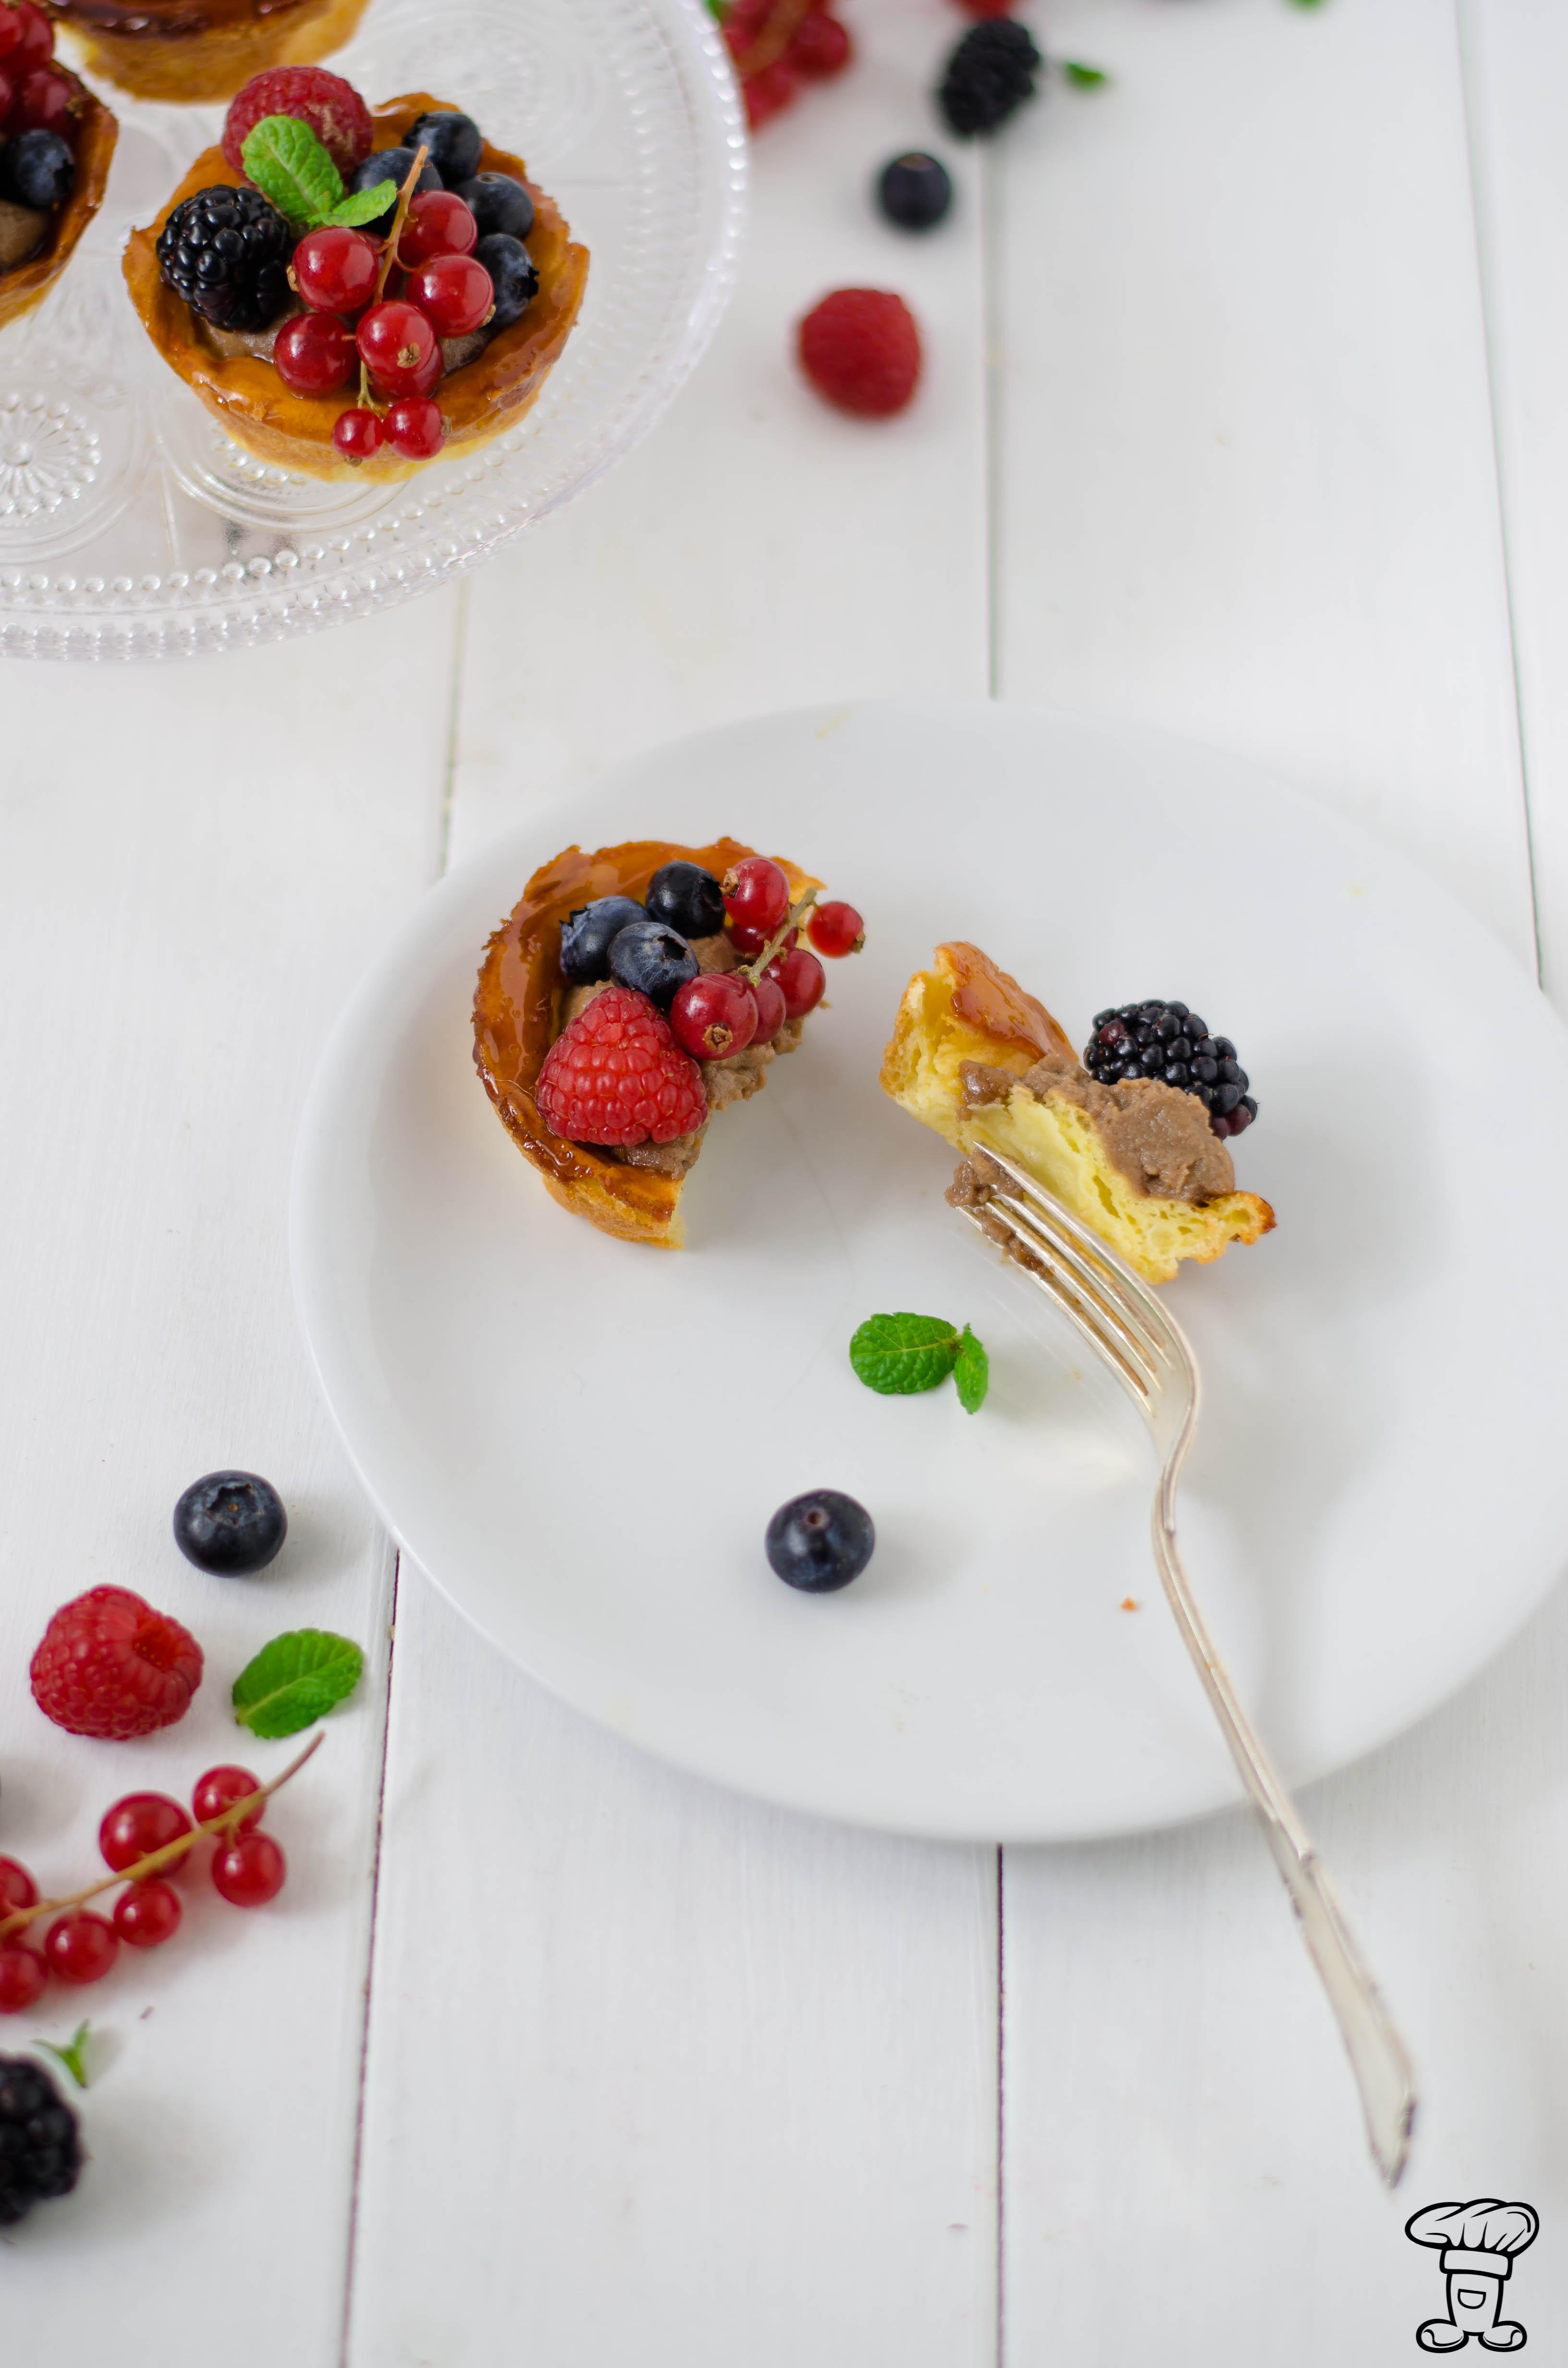 Trat_choux_fruttibosco2 Tartelettes di pasta choux, cioccolato e frutti di bosco